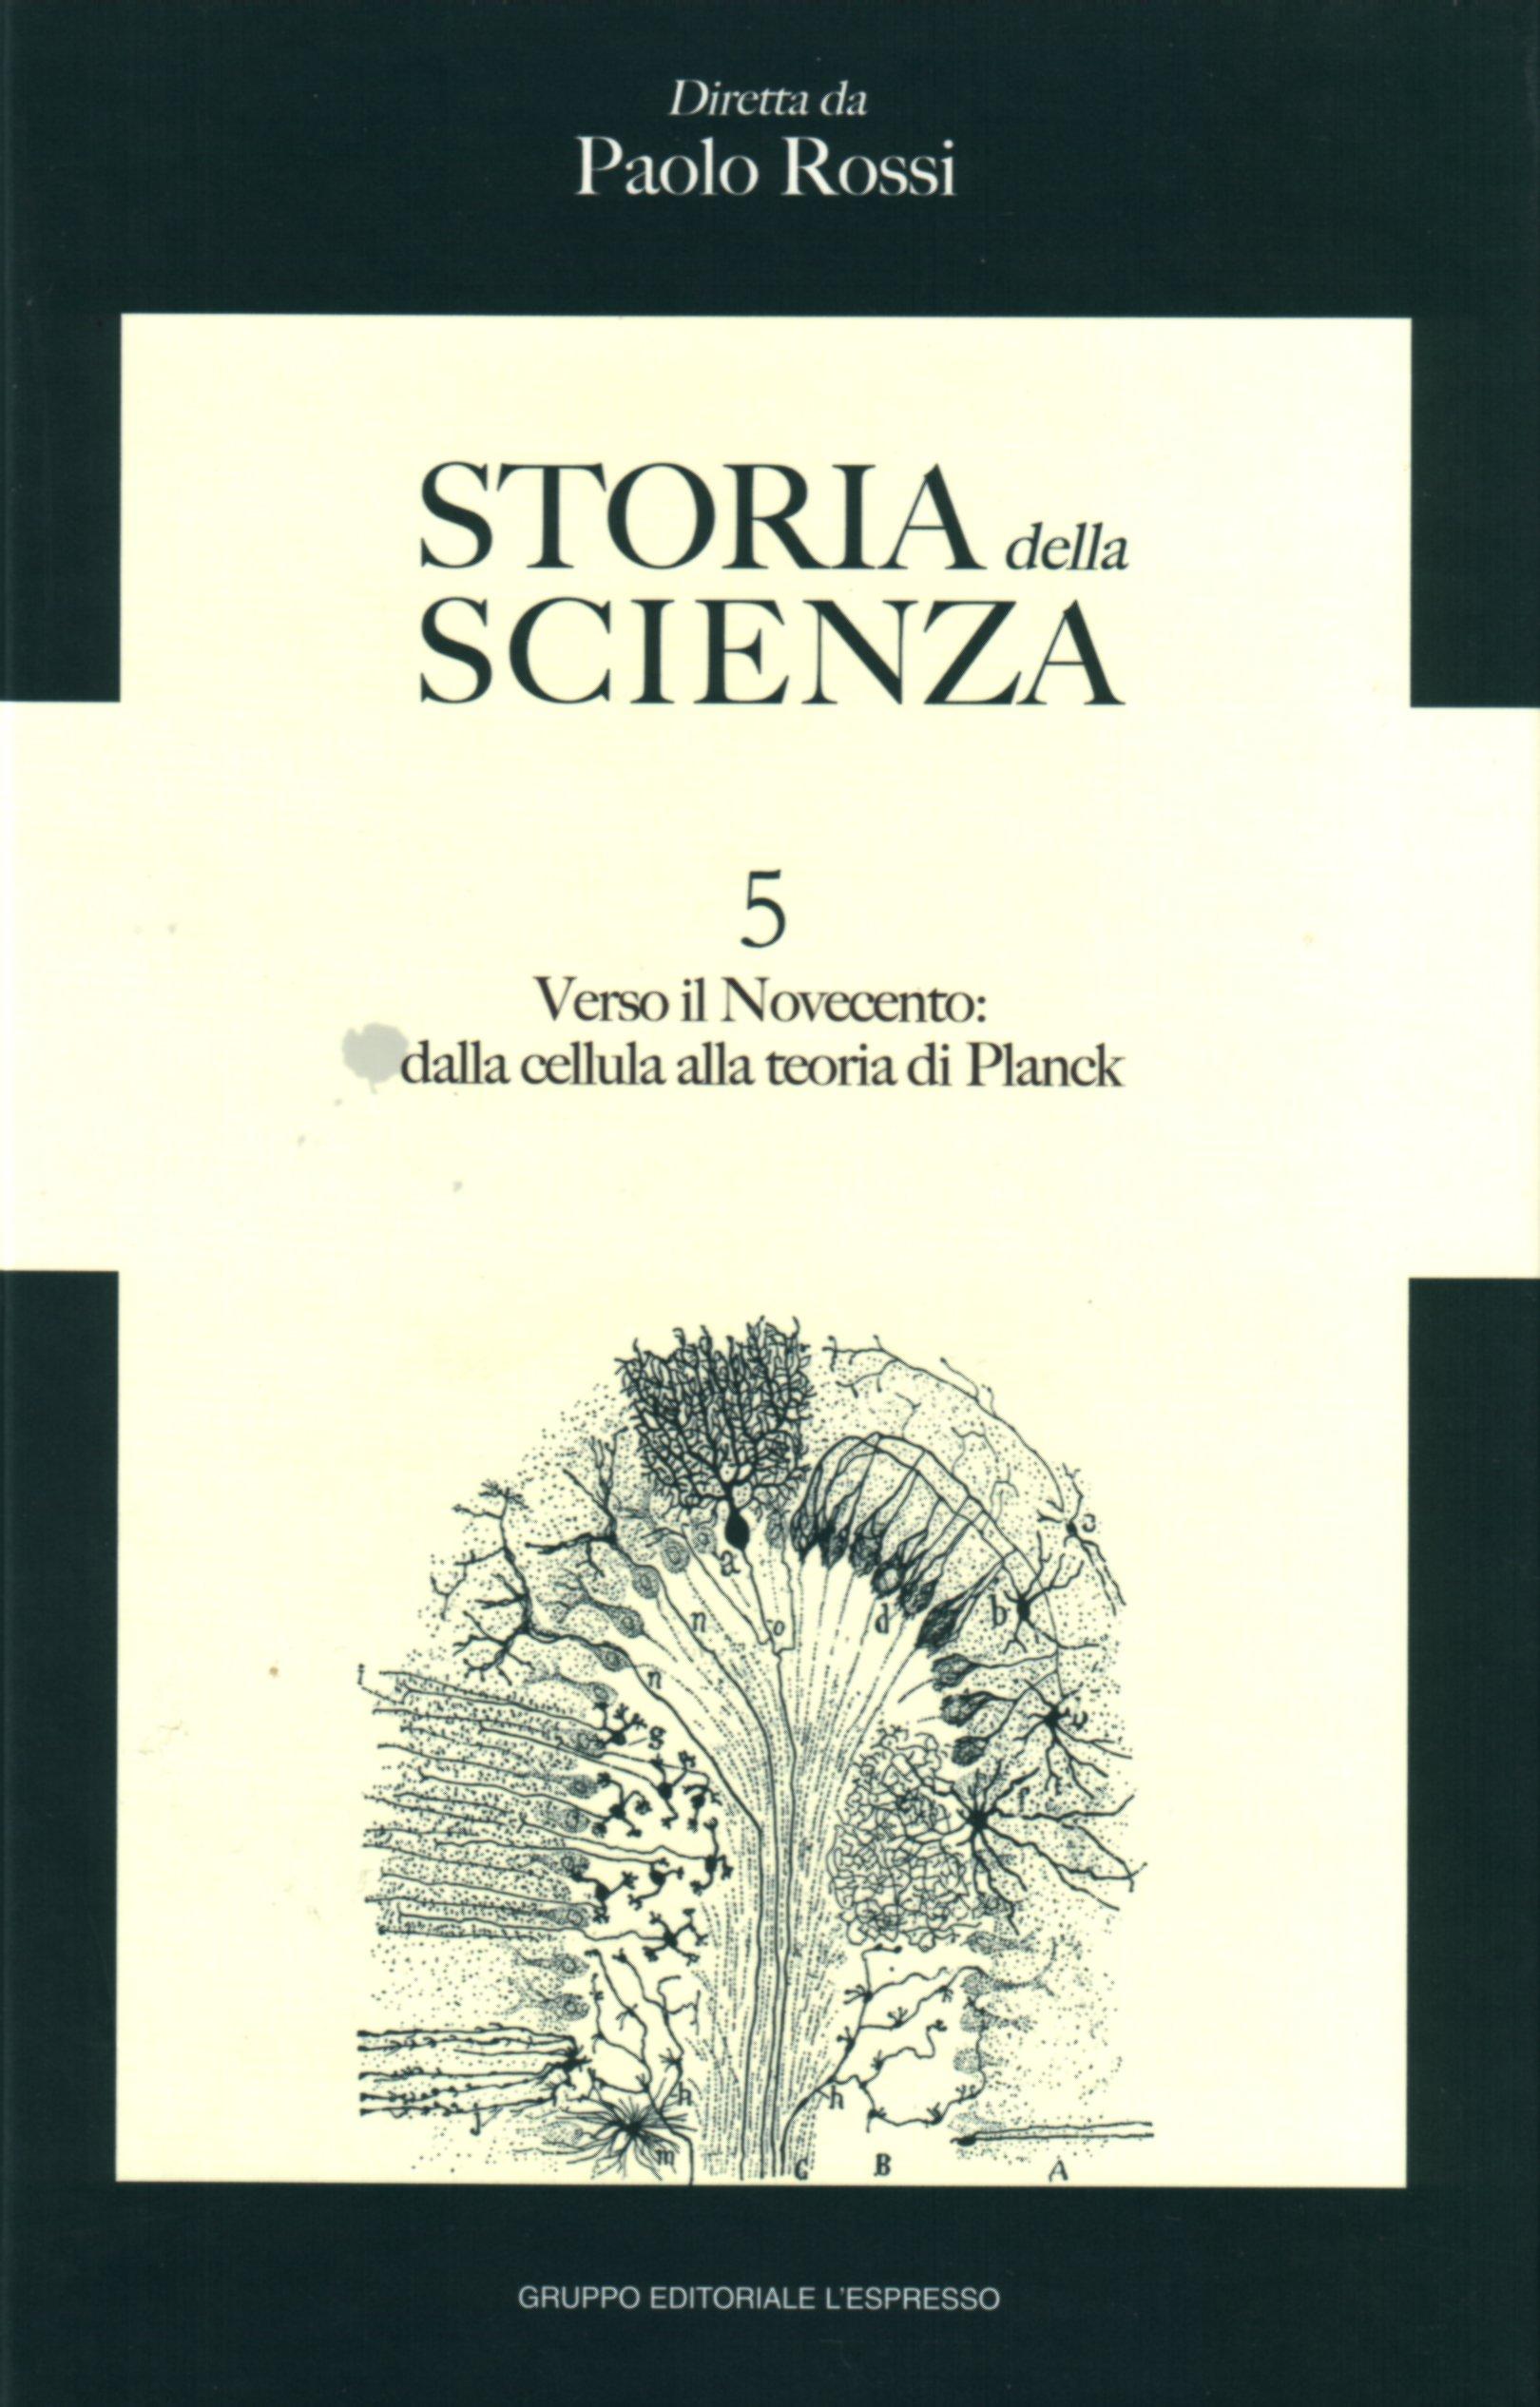 Storia della scienza vol. 5